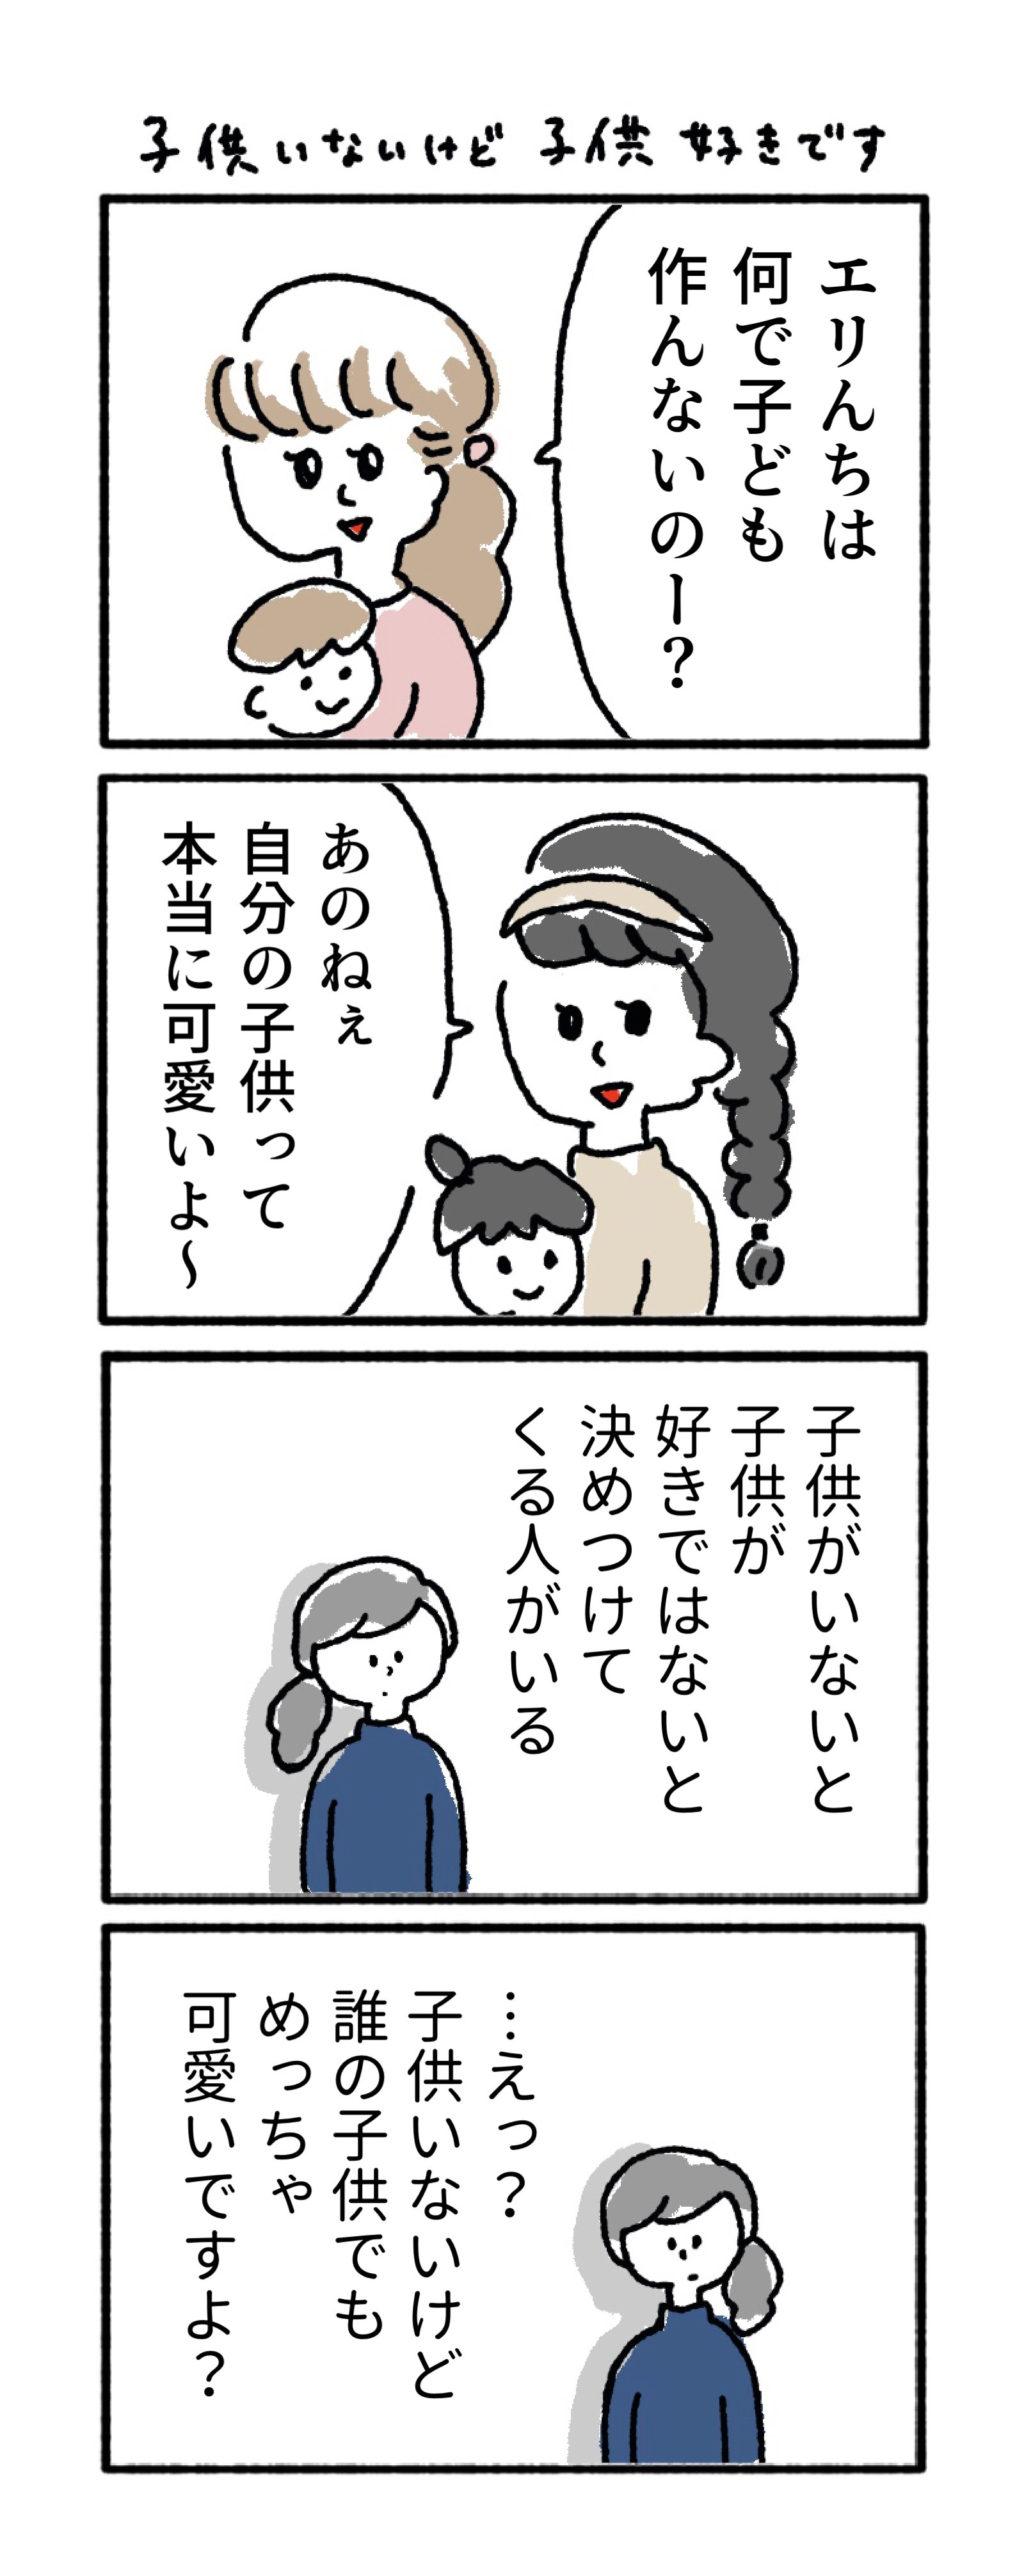 エリの家は子供考えてないの?子供は可愛いよ イラスト 漫画 四コママンガ 4こま いらすと かわいい アラサー 女子